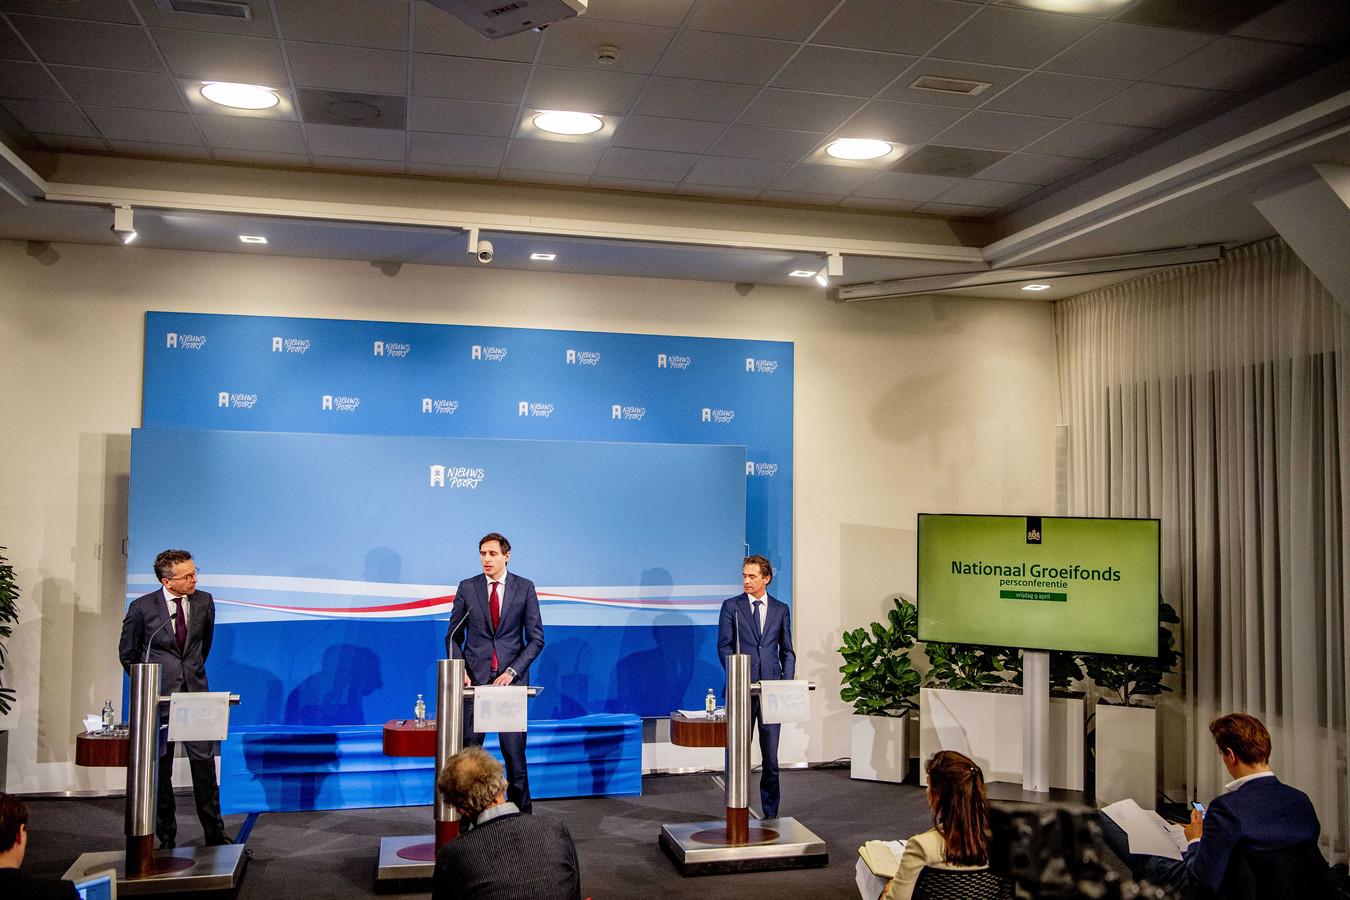 In een persconferentie is bekendgemaakt welke projecten geld krijgen uit het Groeifonds.